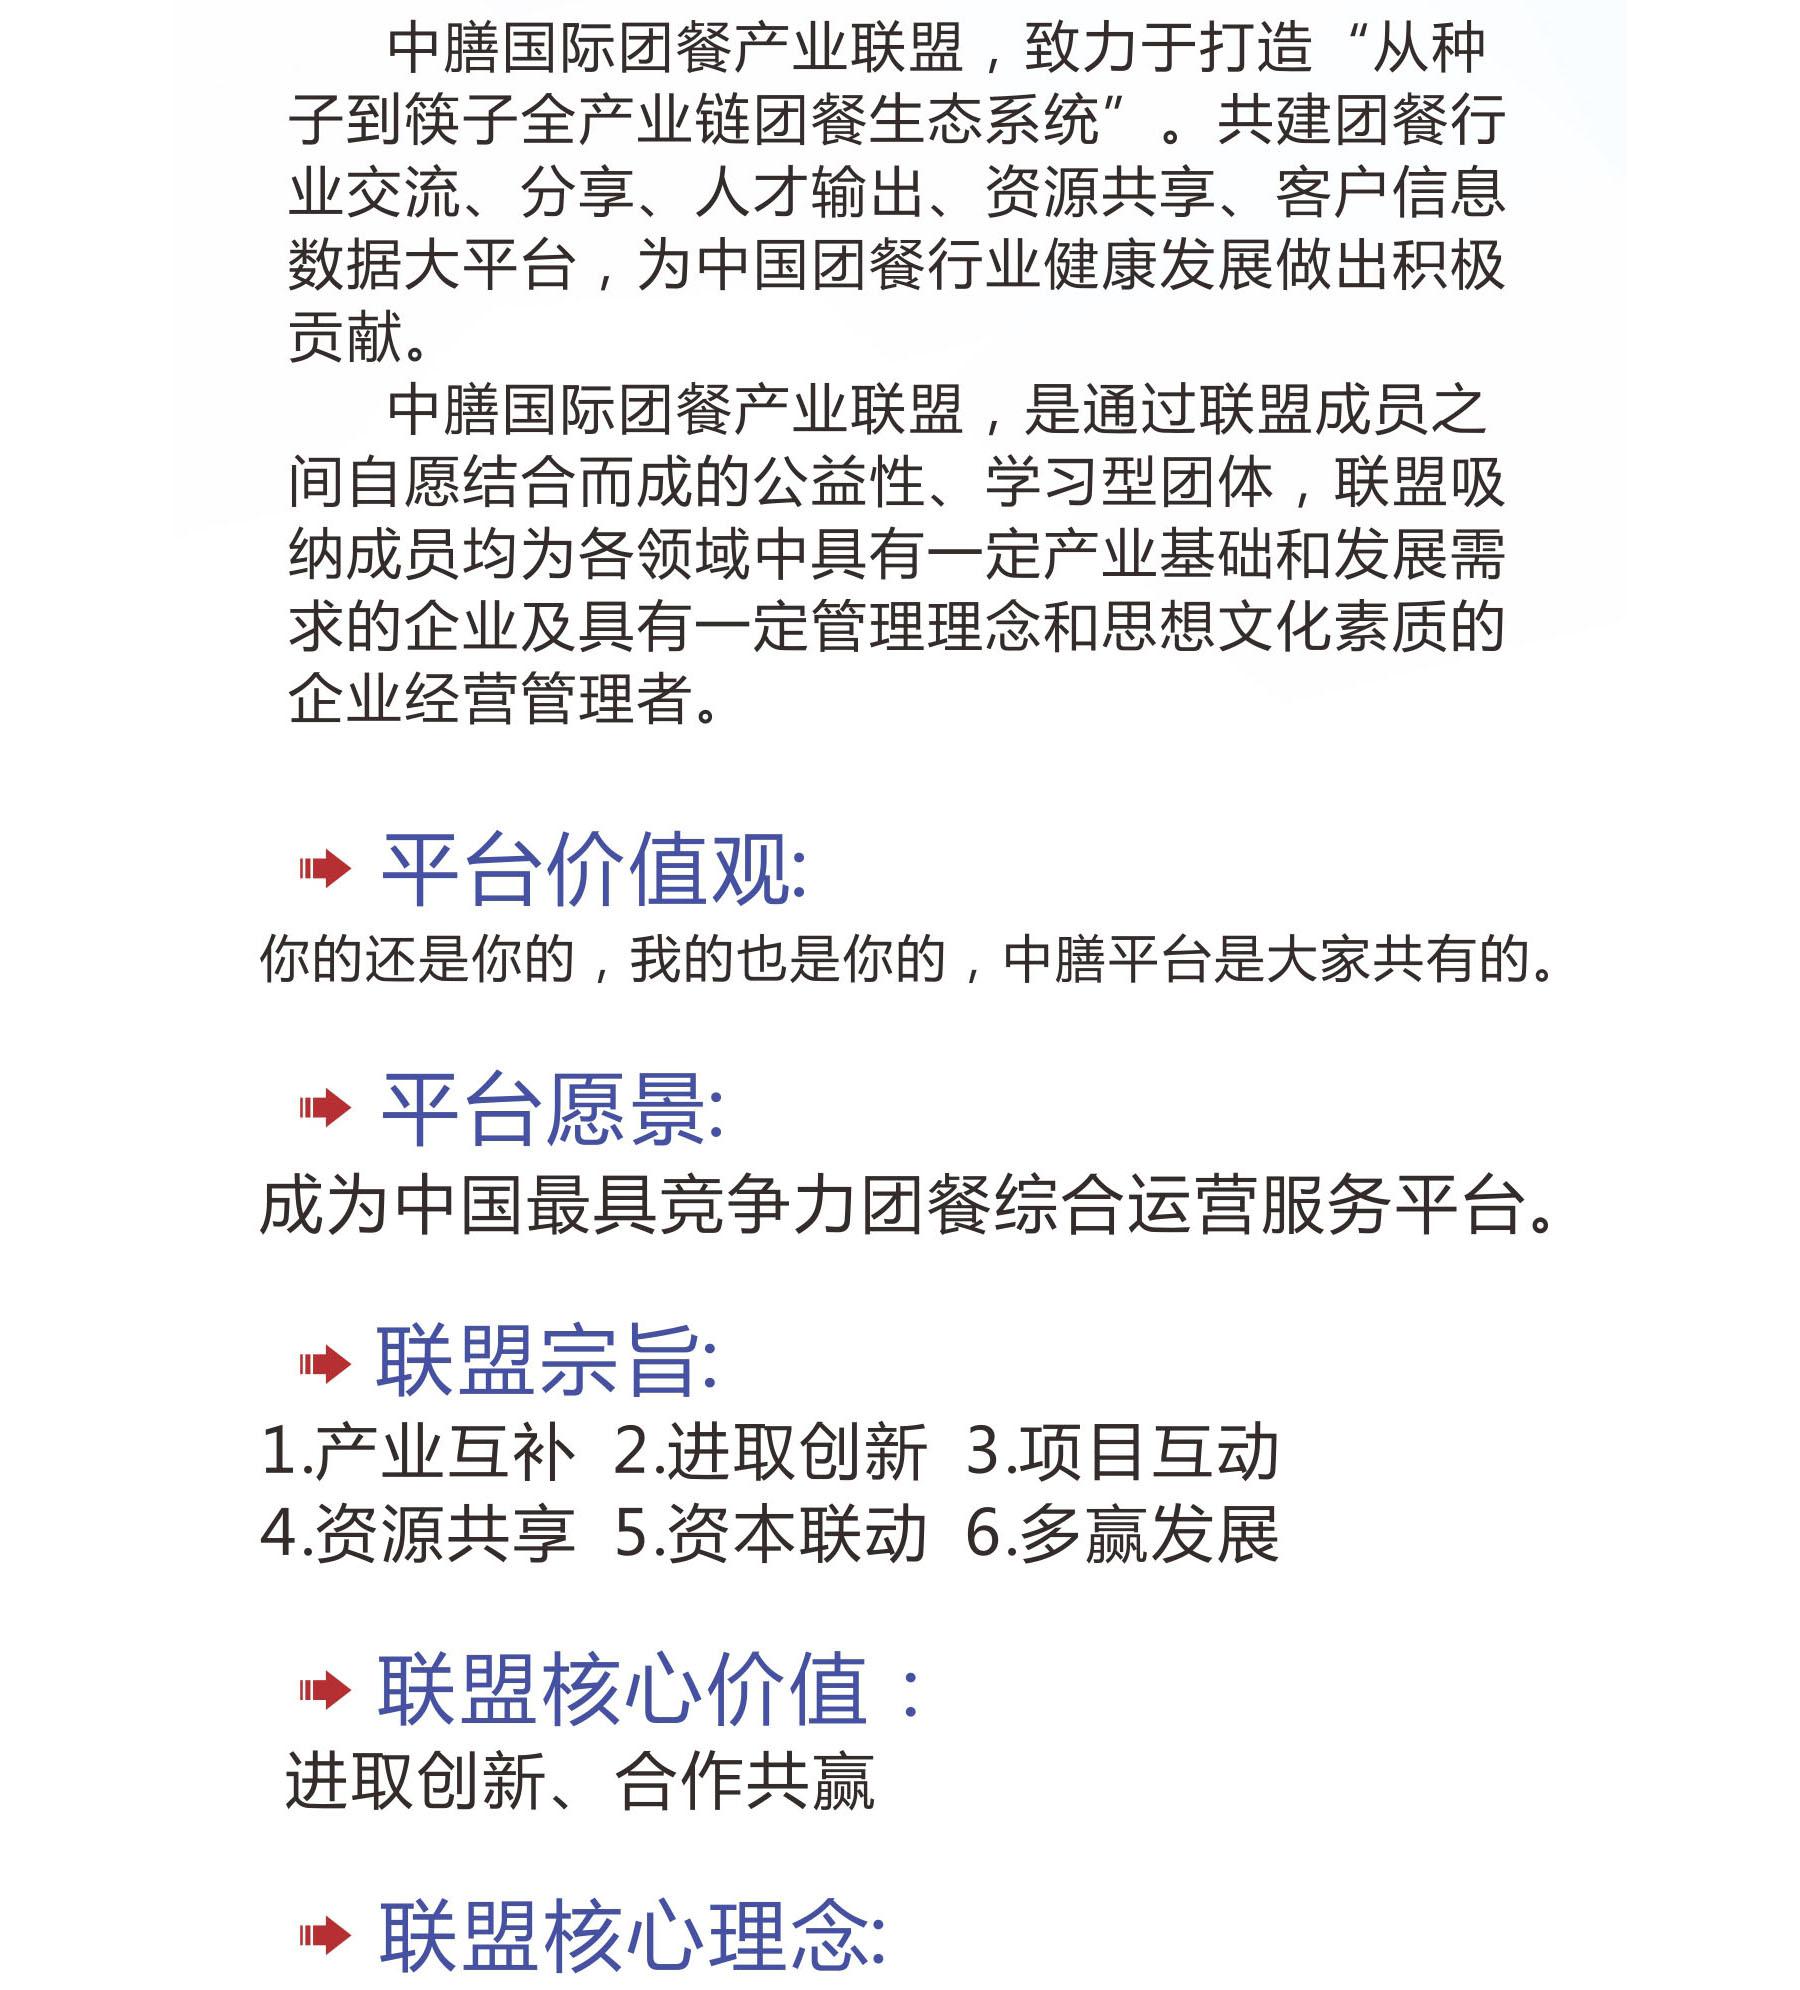 中膳国际团餐产业联盟